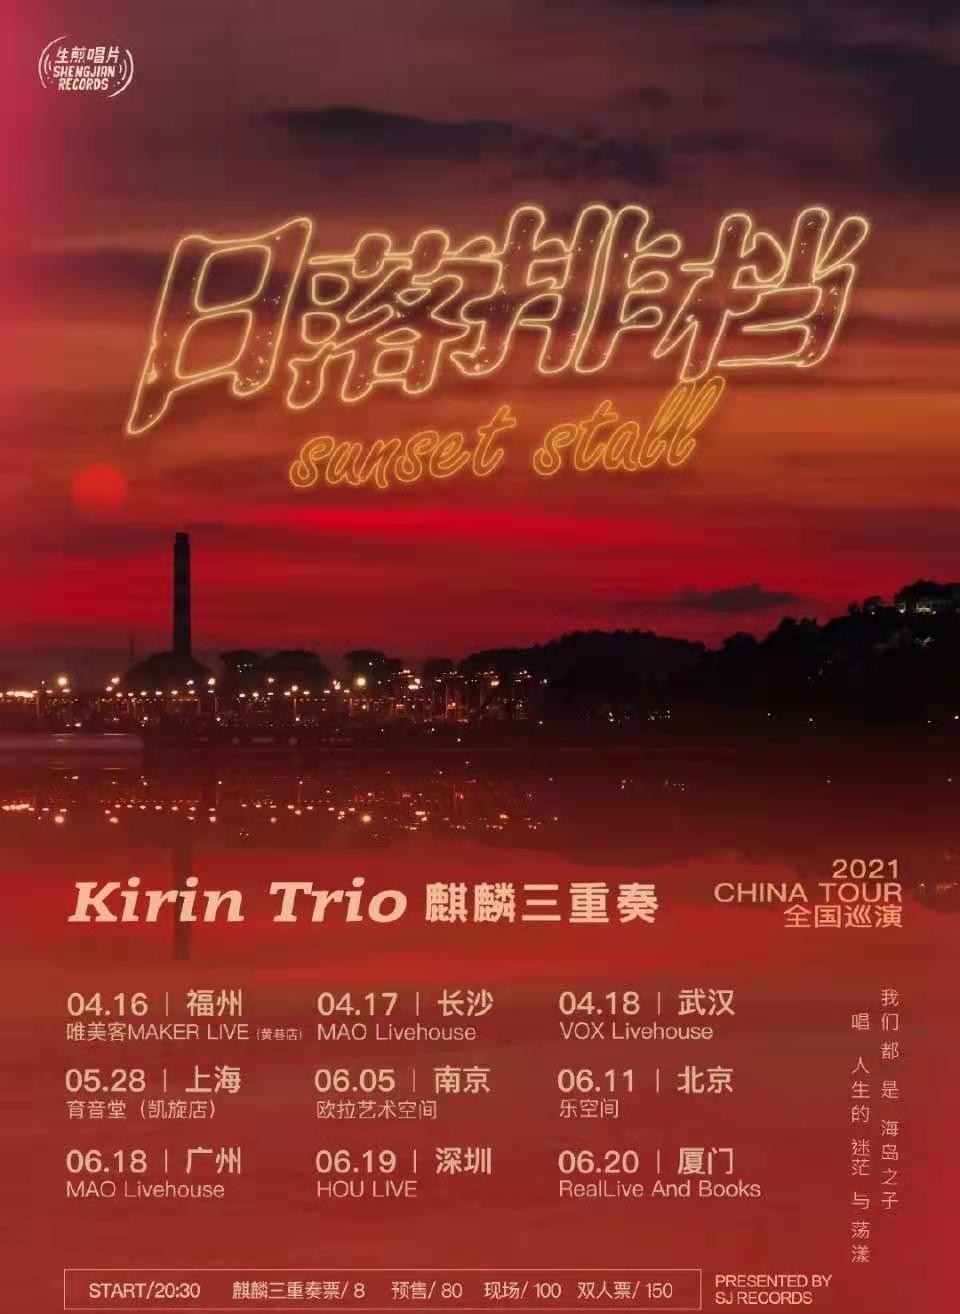 麒麟三重奏Kirin Trio广州演唱会